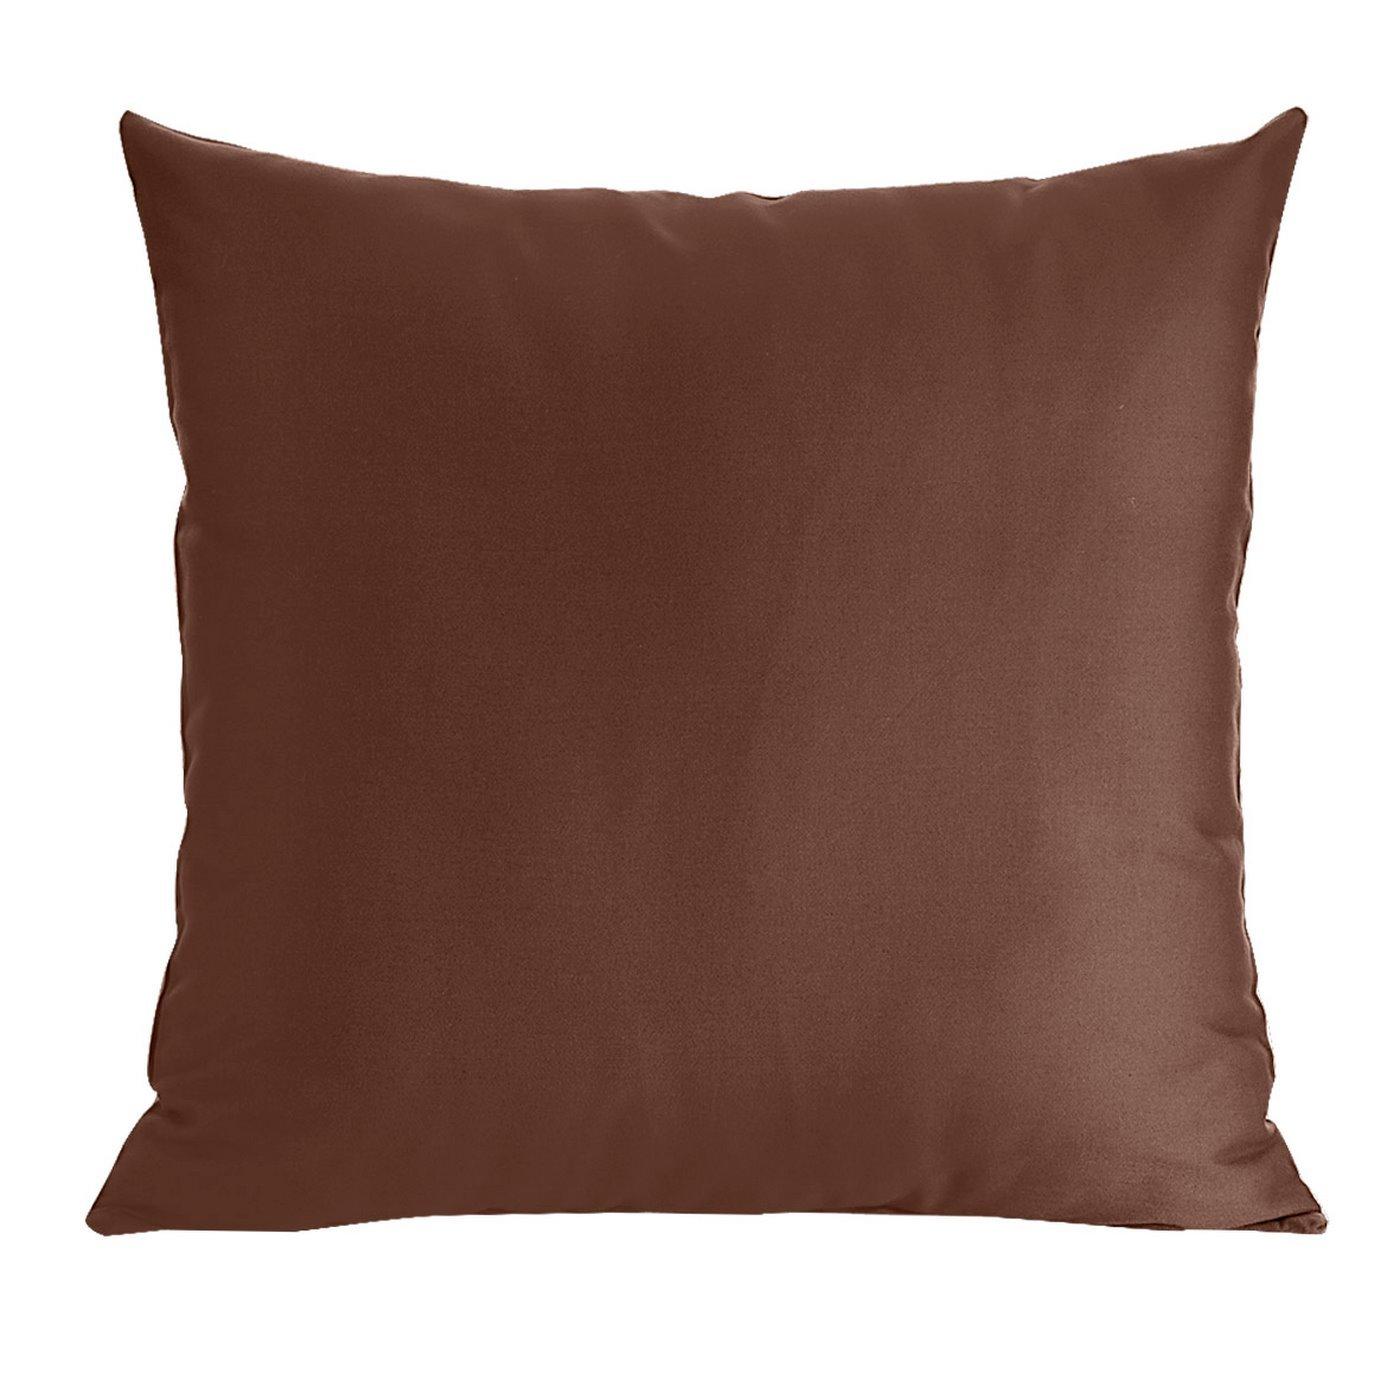 Poszewka dekoracyjna na poduszkę  50 x 60 Kolor Brązowy